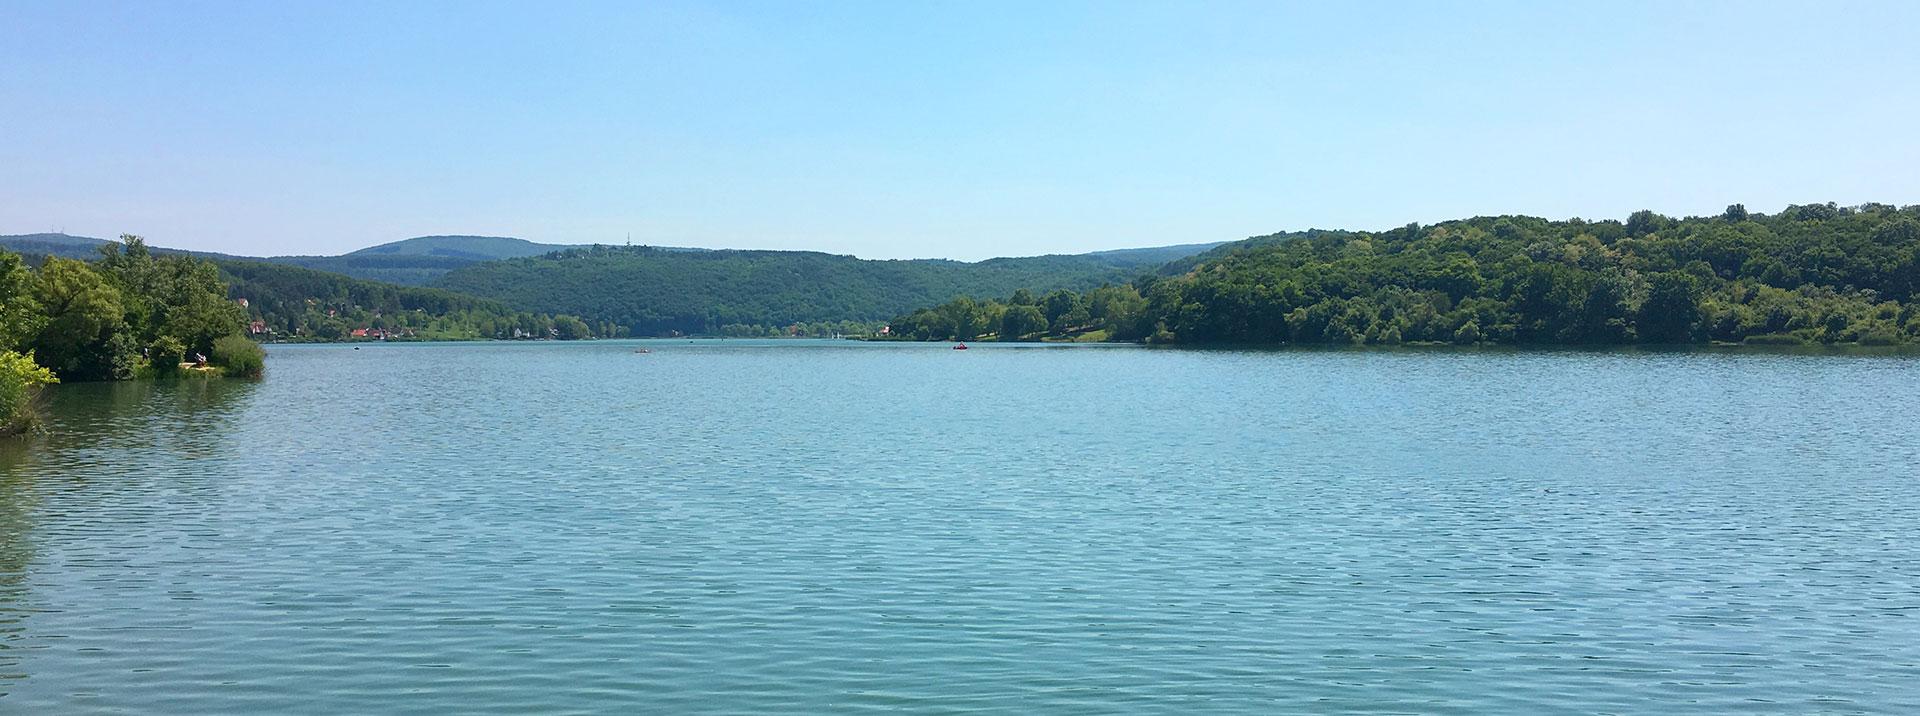 Vízi és természetközeli kalandok! - vízi sportok, fürdőzés, csónakázás, horgászat